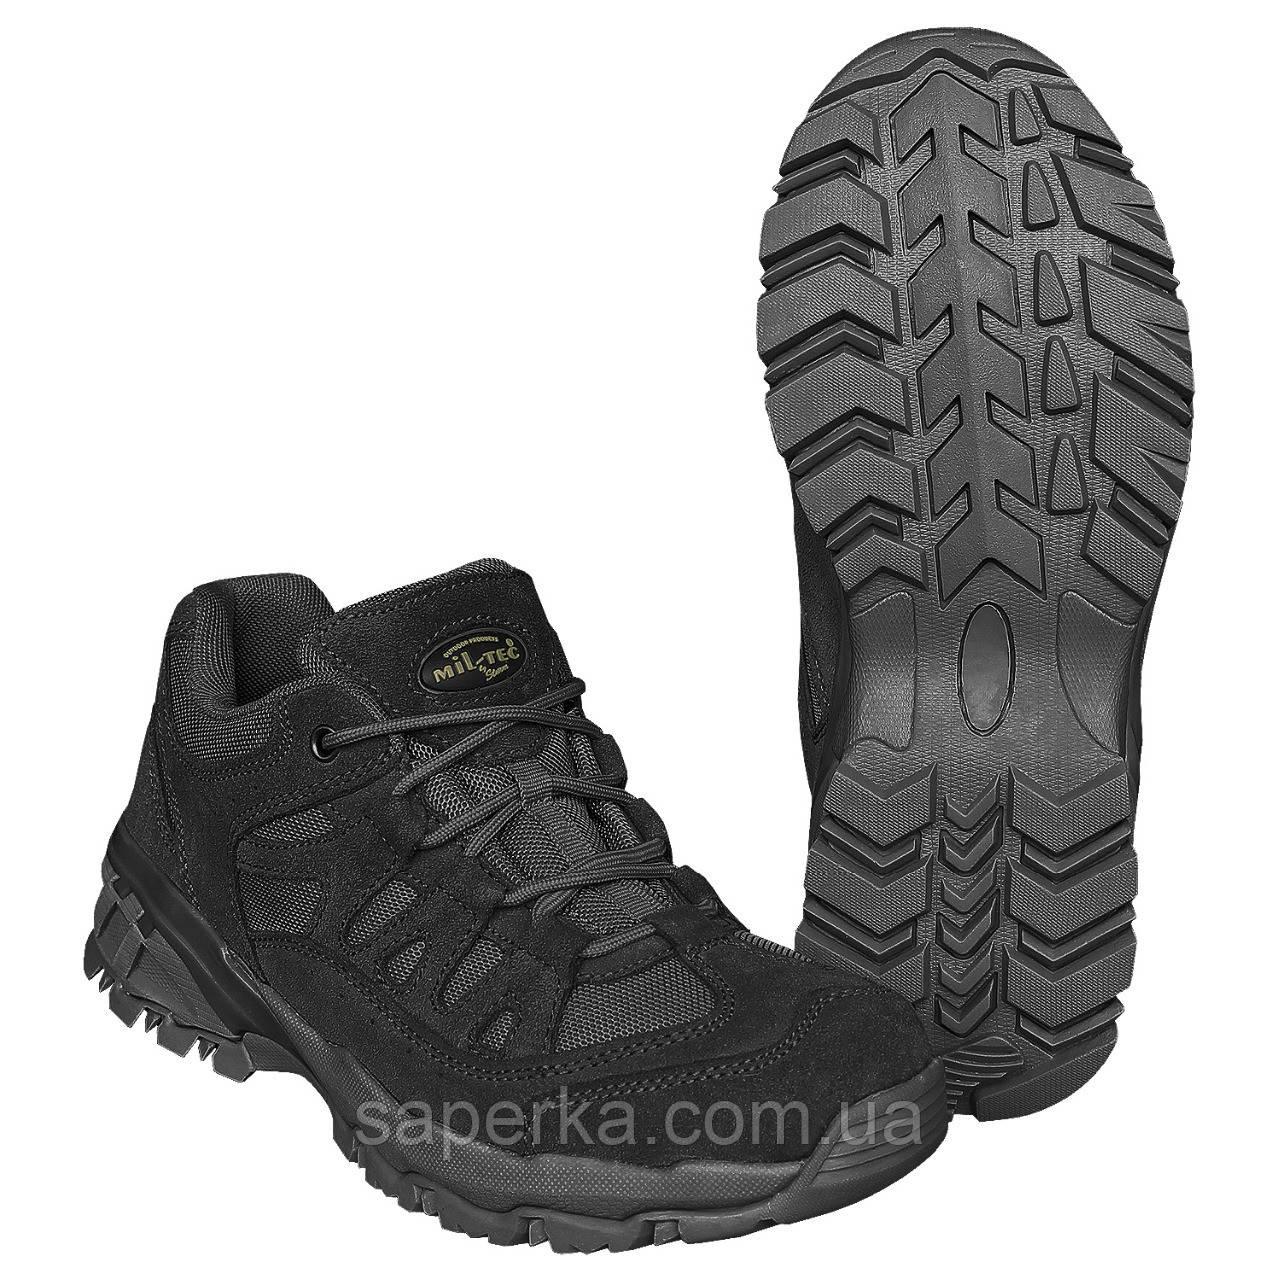 Армейские тактические ботинки trooper 2,5 дюйма black Mil-Tec